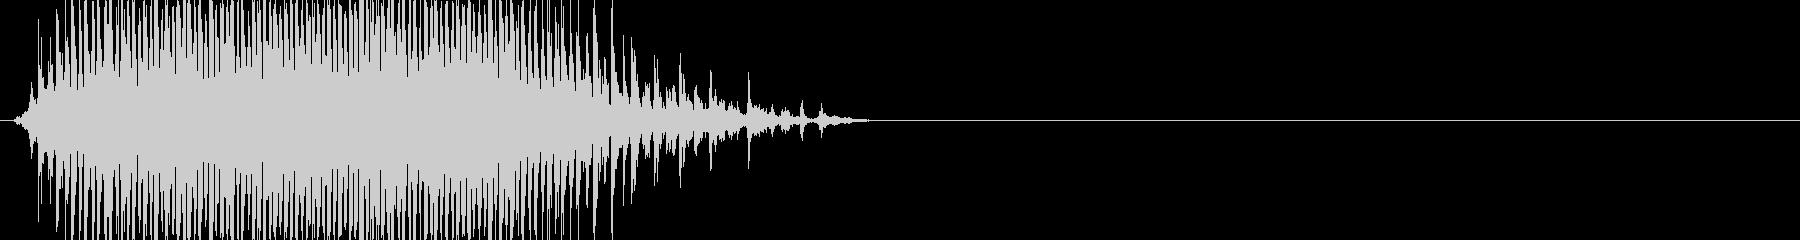 草刈り機の音の未再生の波形